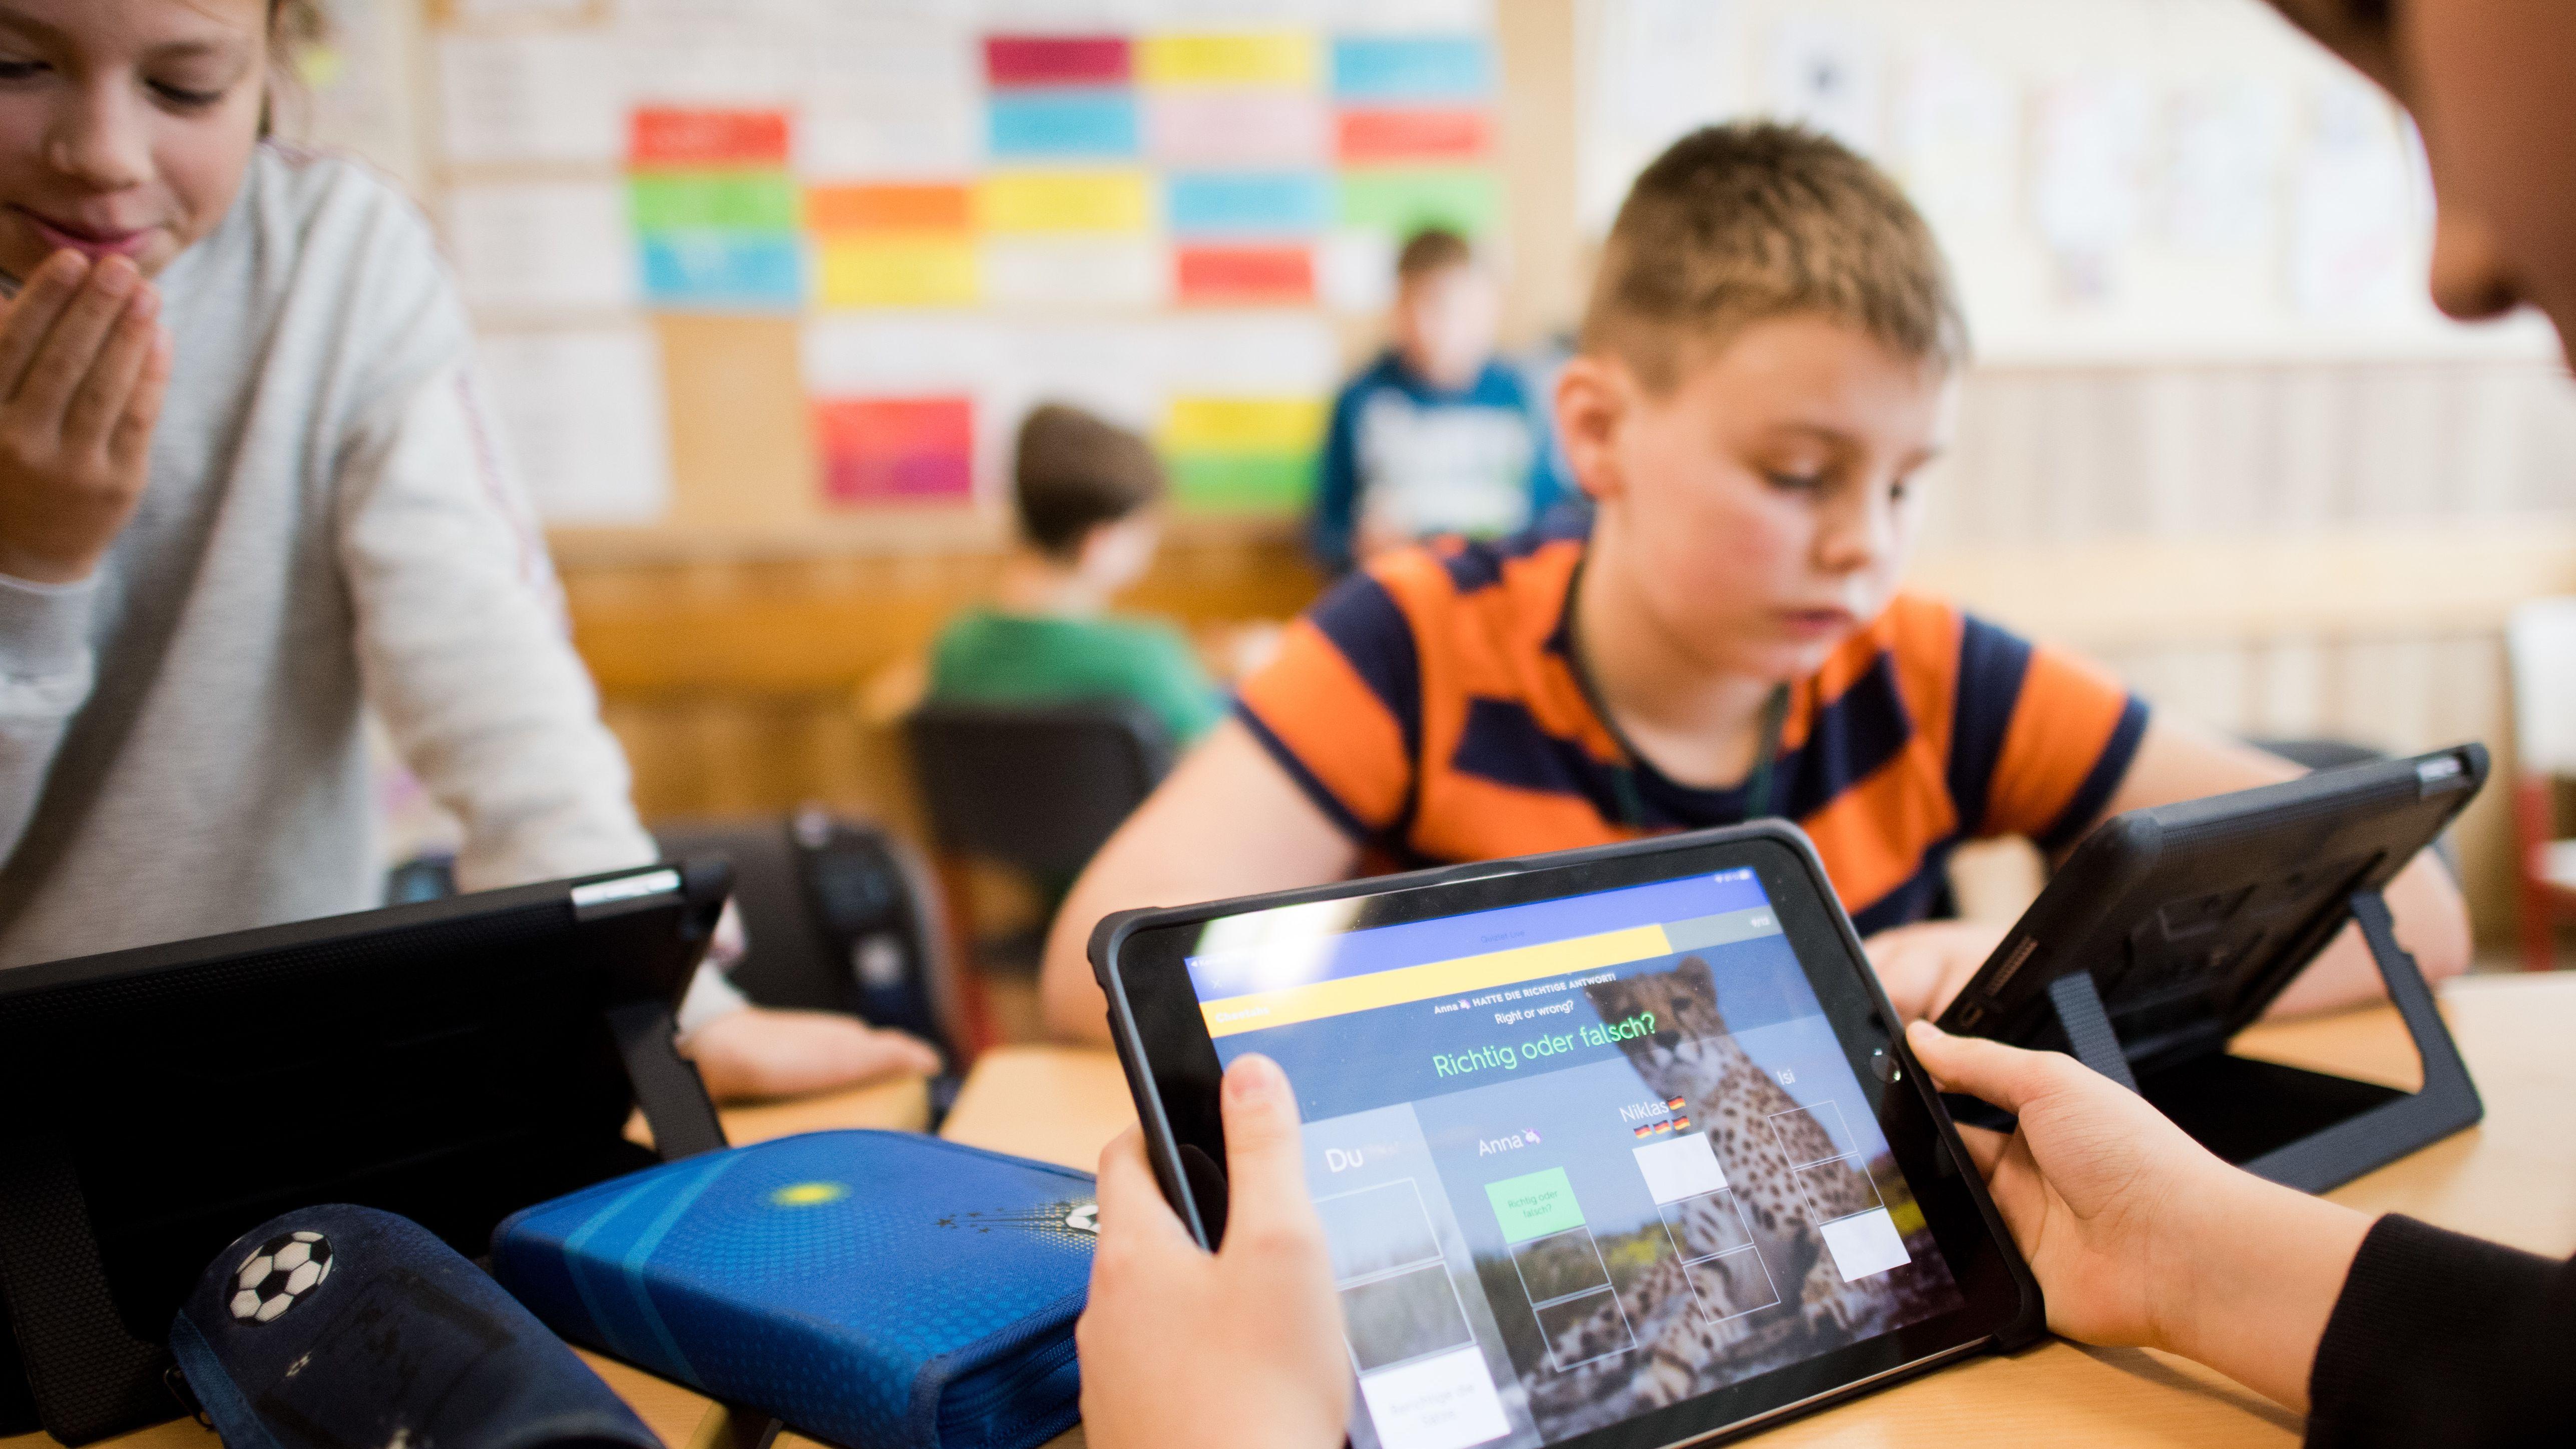 Schüler mit Tablet-Computern im Unterricht